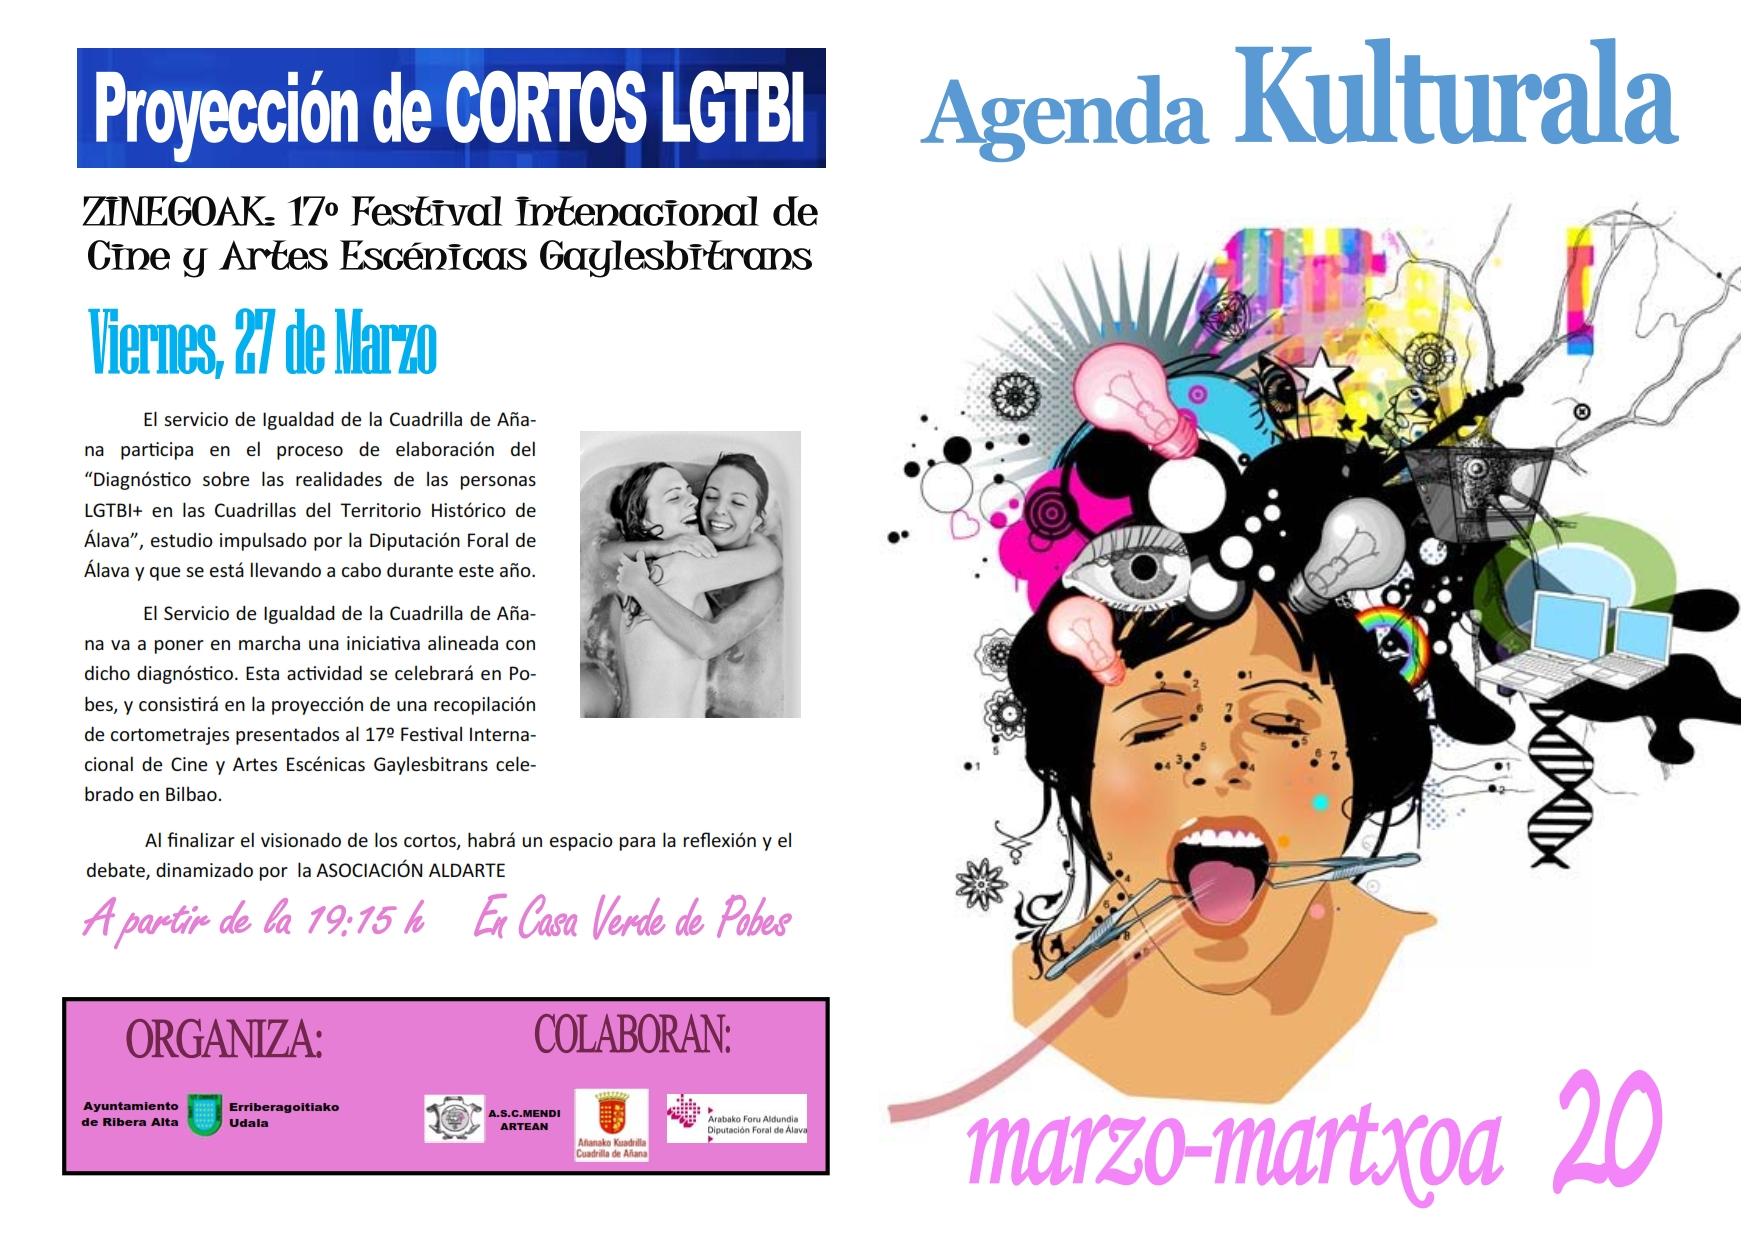 Agenda cultural marzo 2020